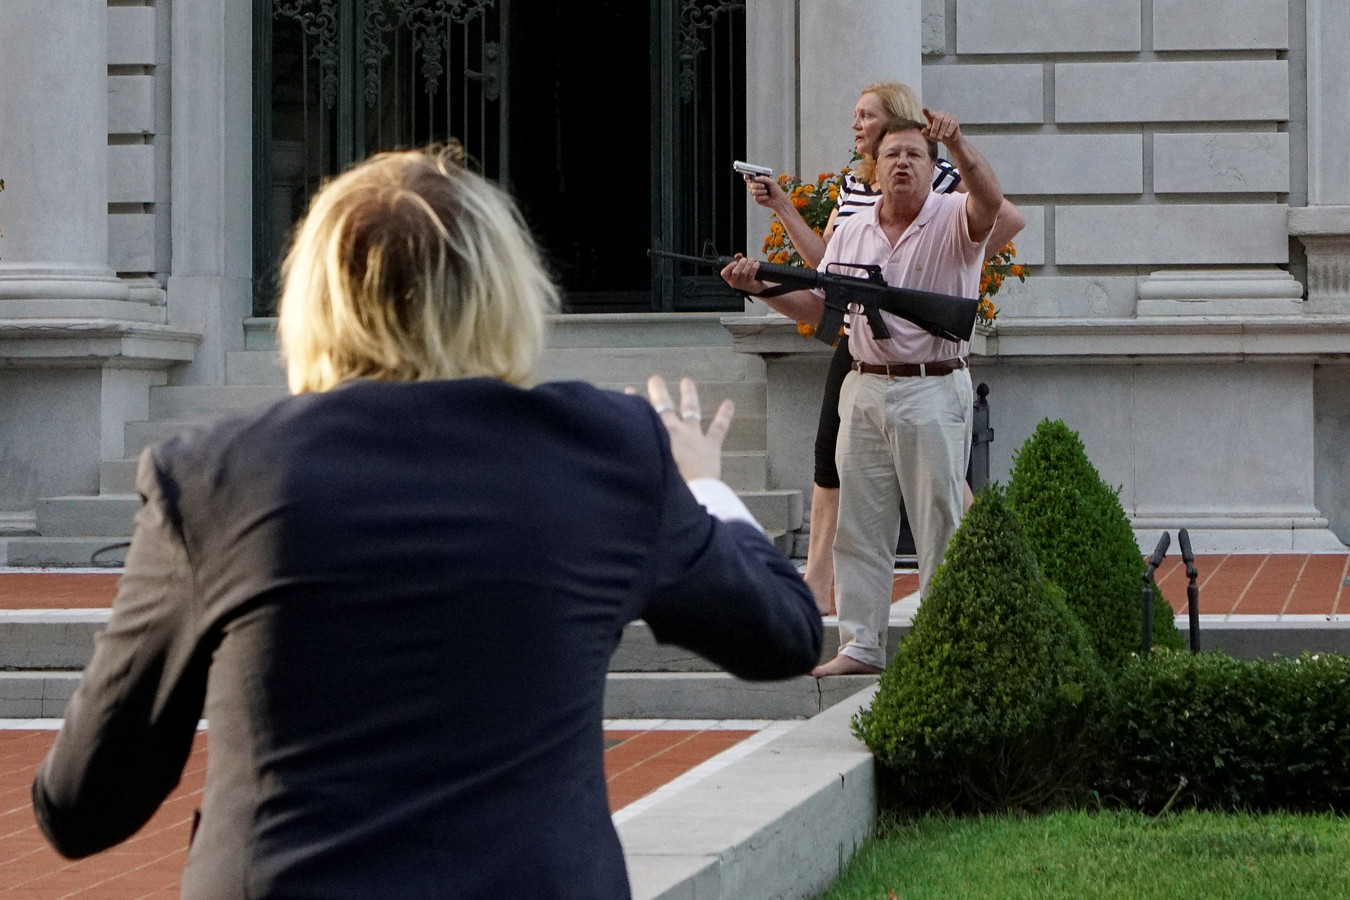 Sur les images, des personnes tentent de calmer les esprits qui s'échauffent et de dissuader le couple de faire usage de ses armes